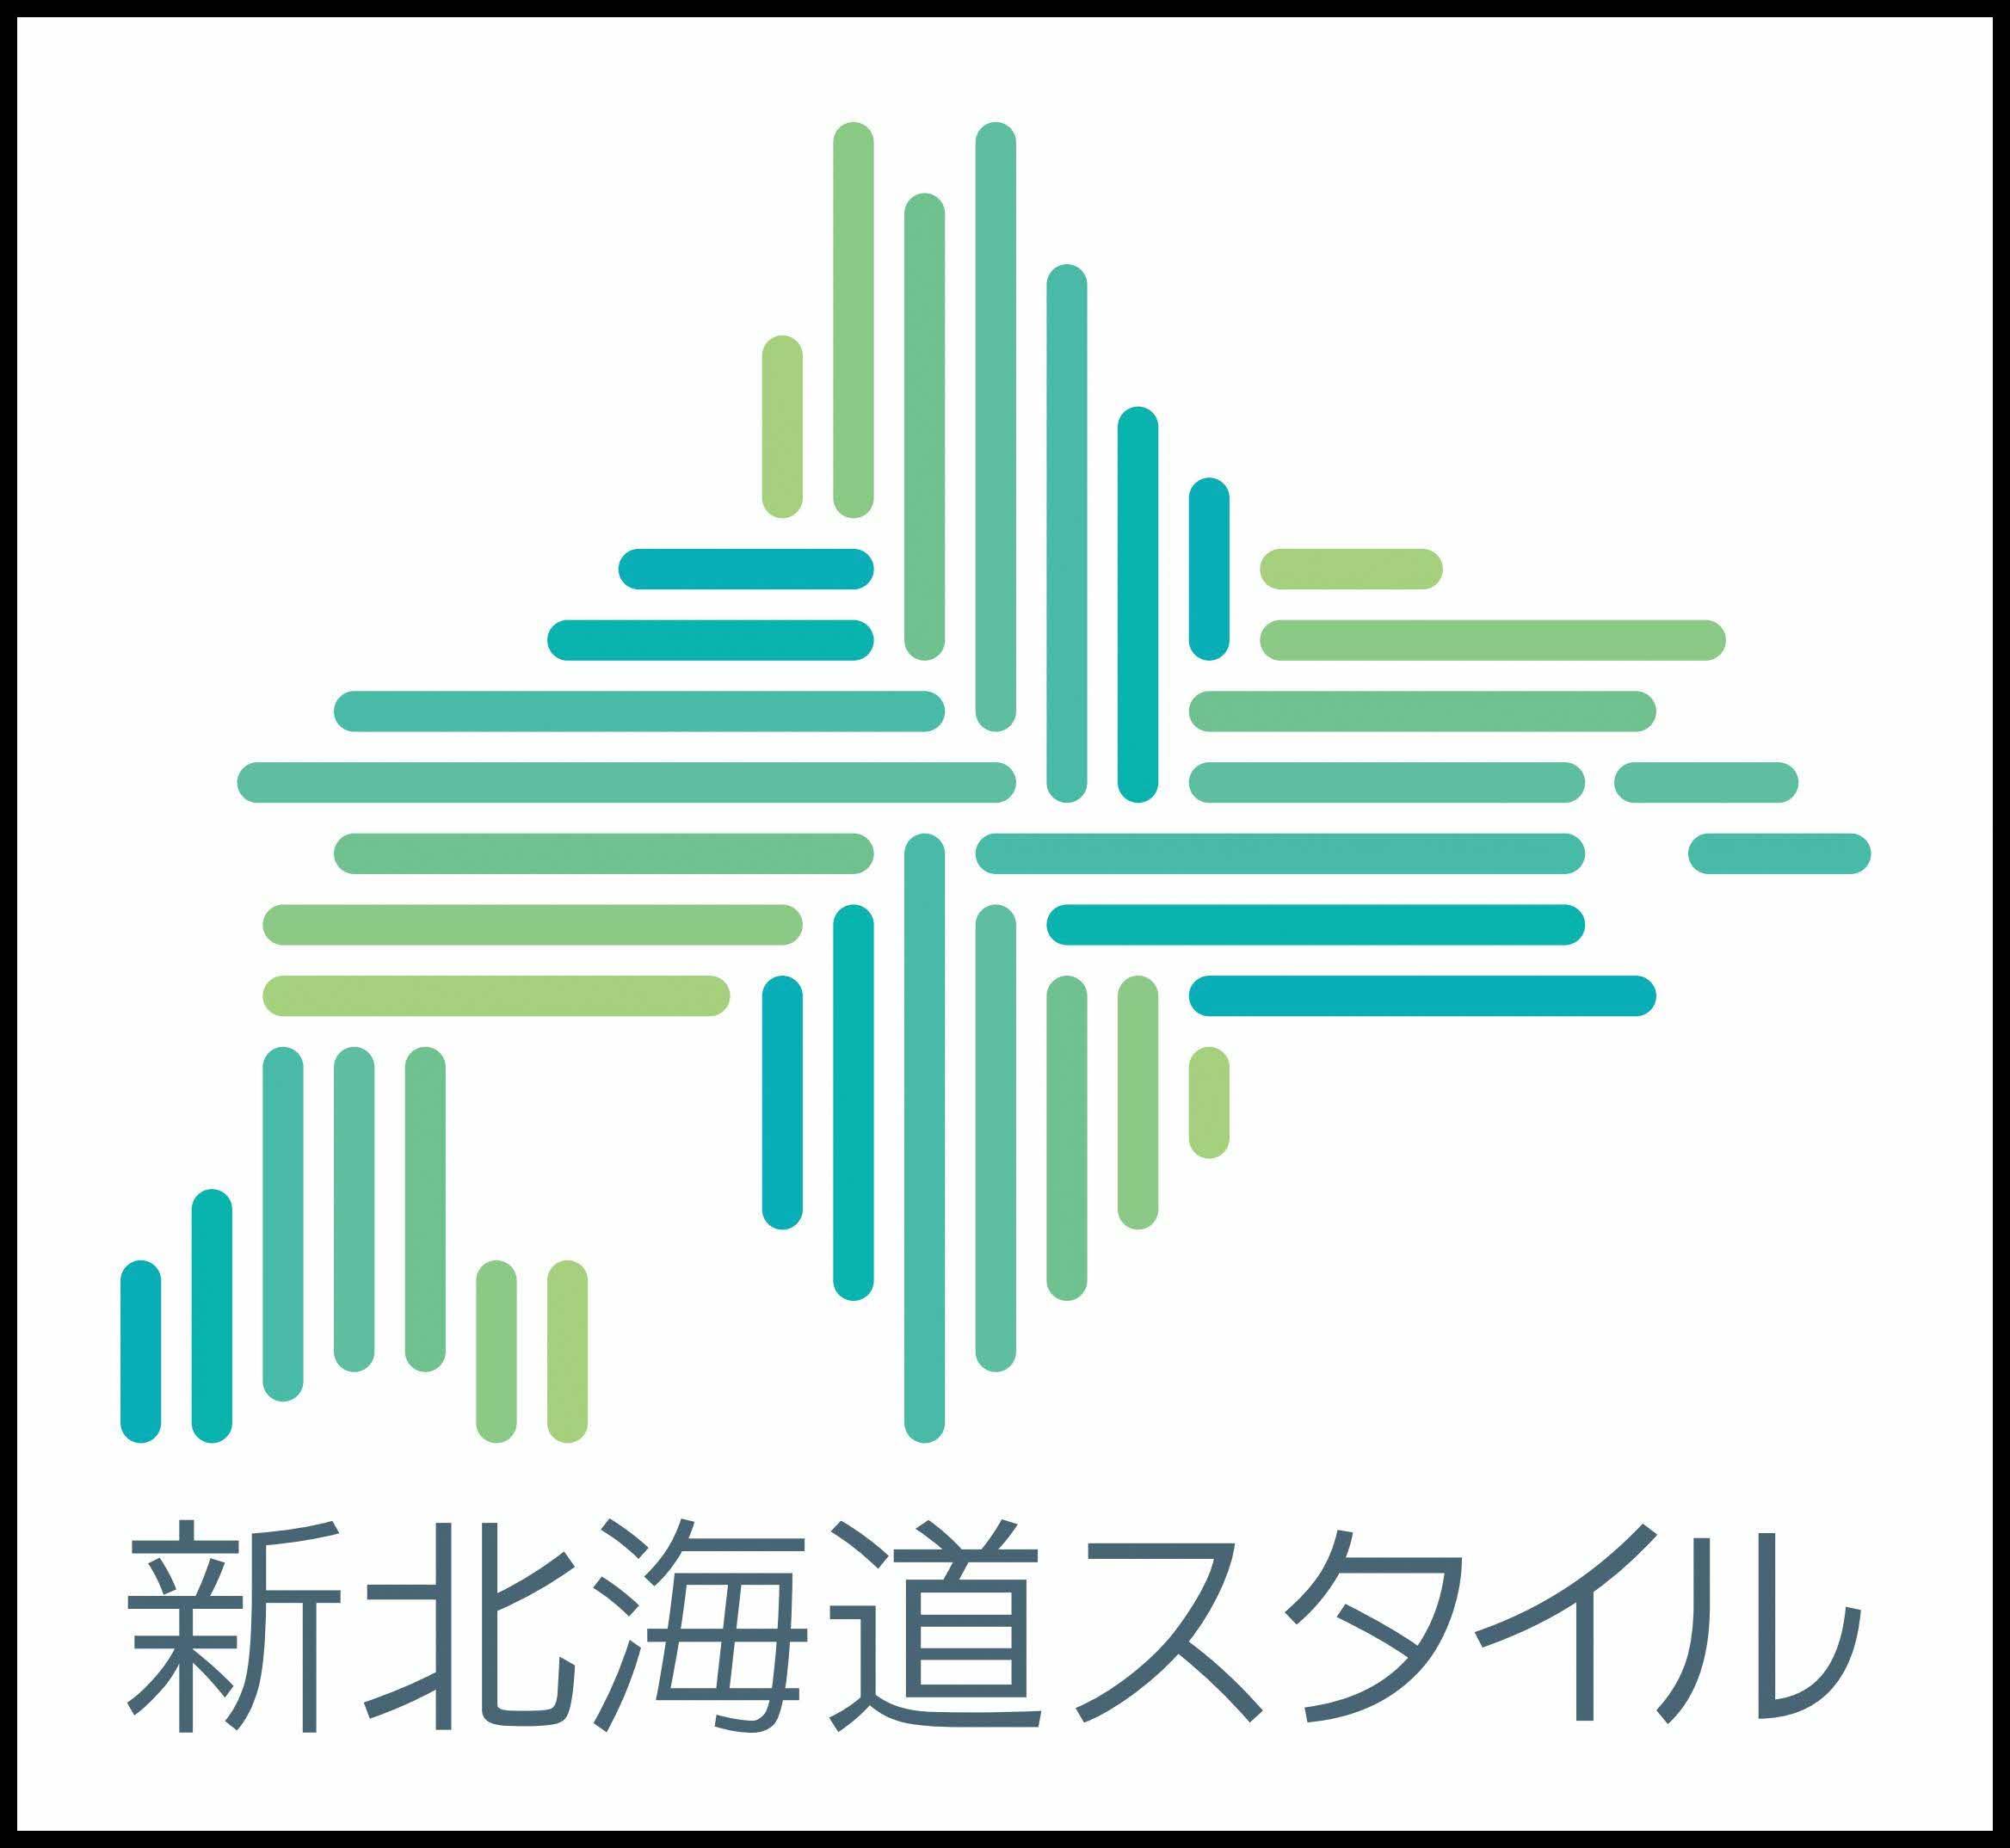 北海道經濟部發表「新北海道Style」,倡導生活新準則!